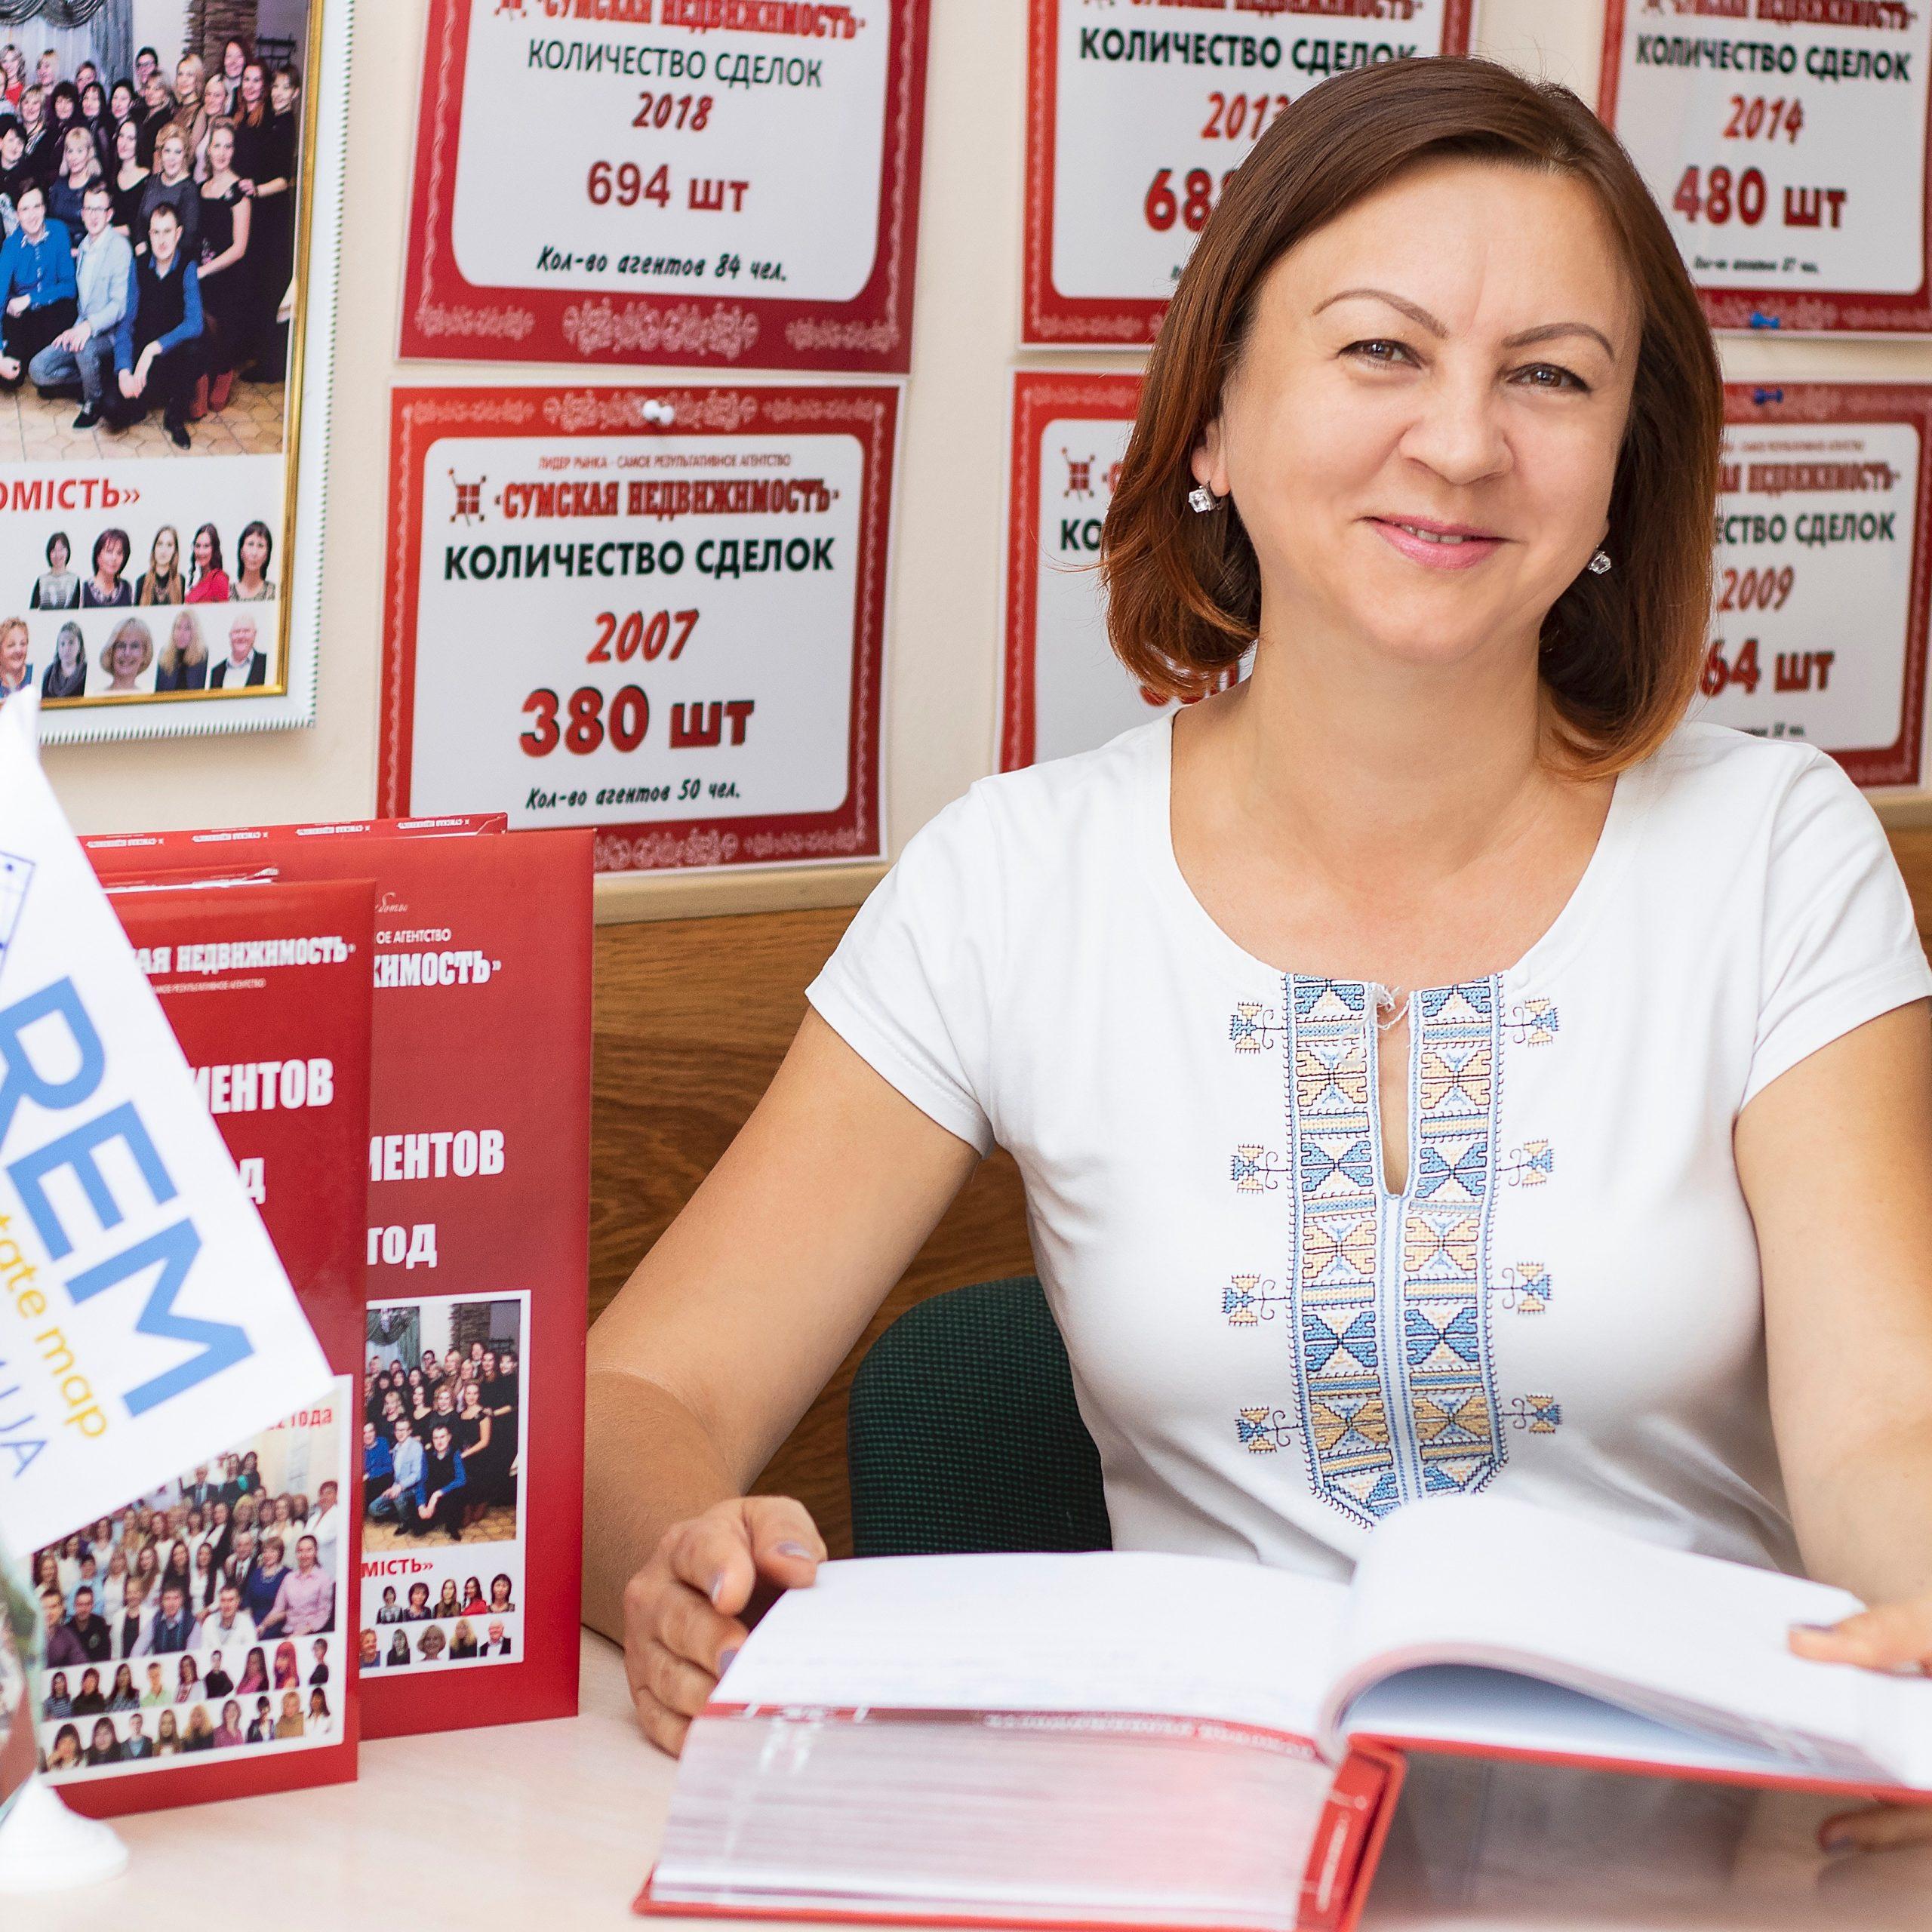 Ирина Ивановна Мищенко